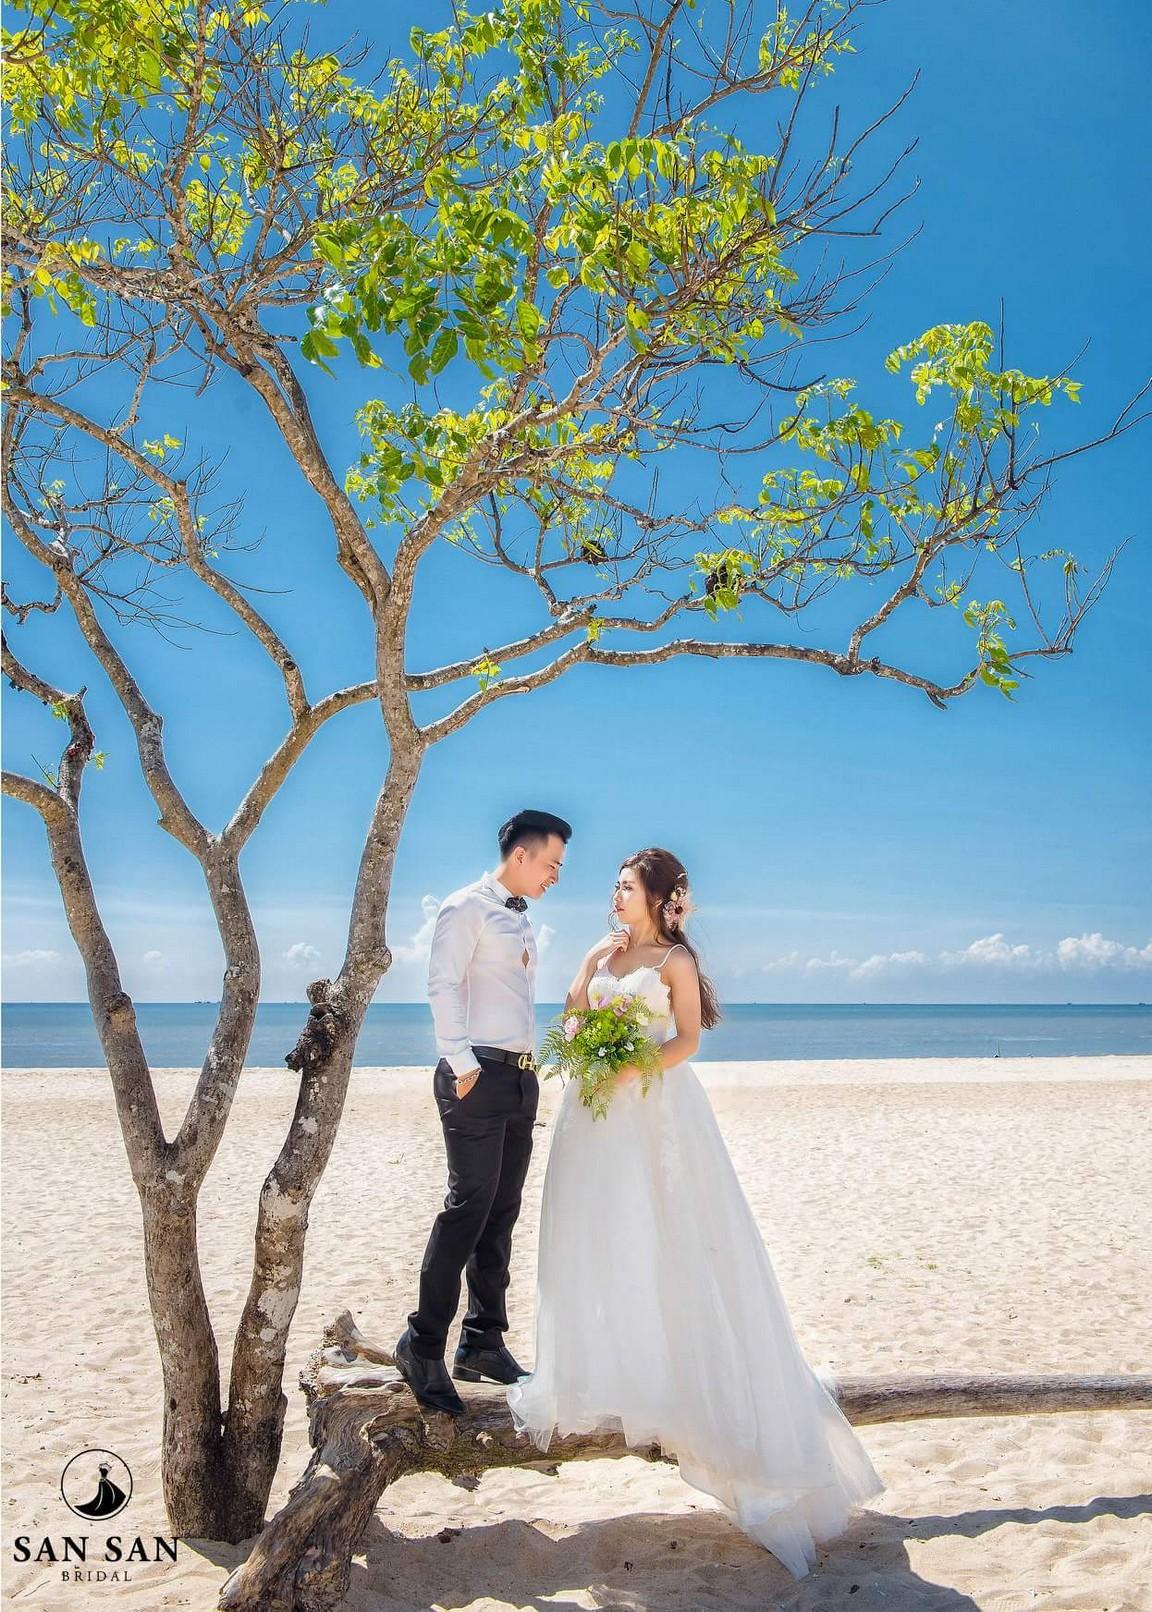 Ý nghĩa của việc mơ thấy mặc váy cưới mà không phải ai cũng biết